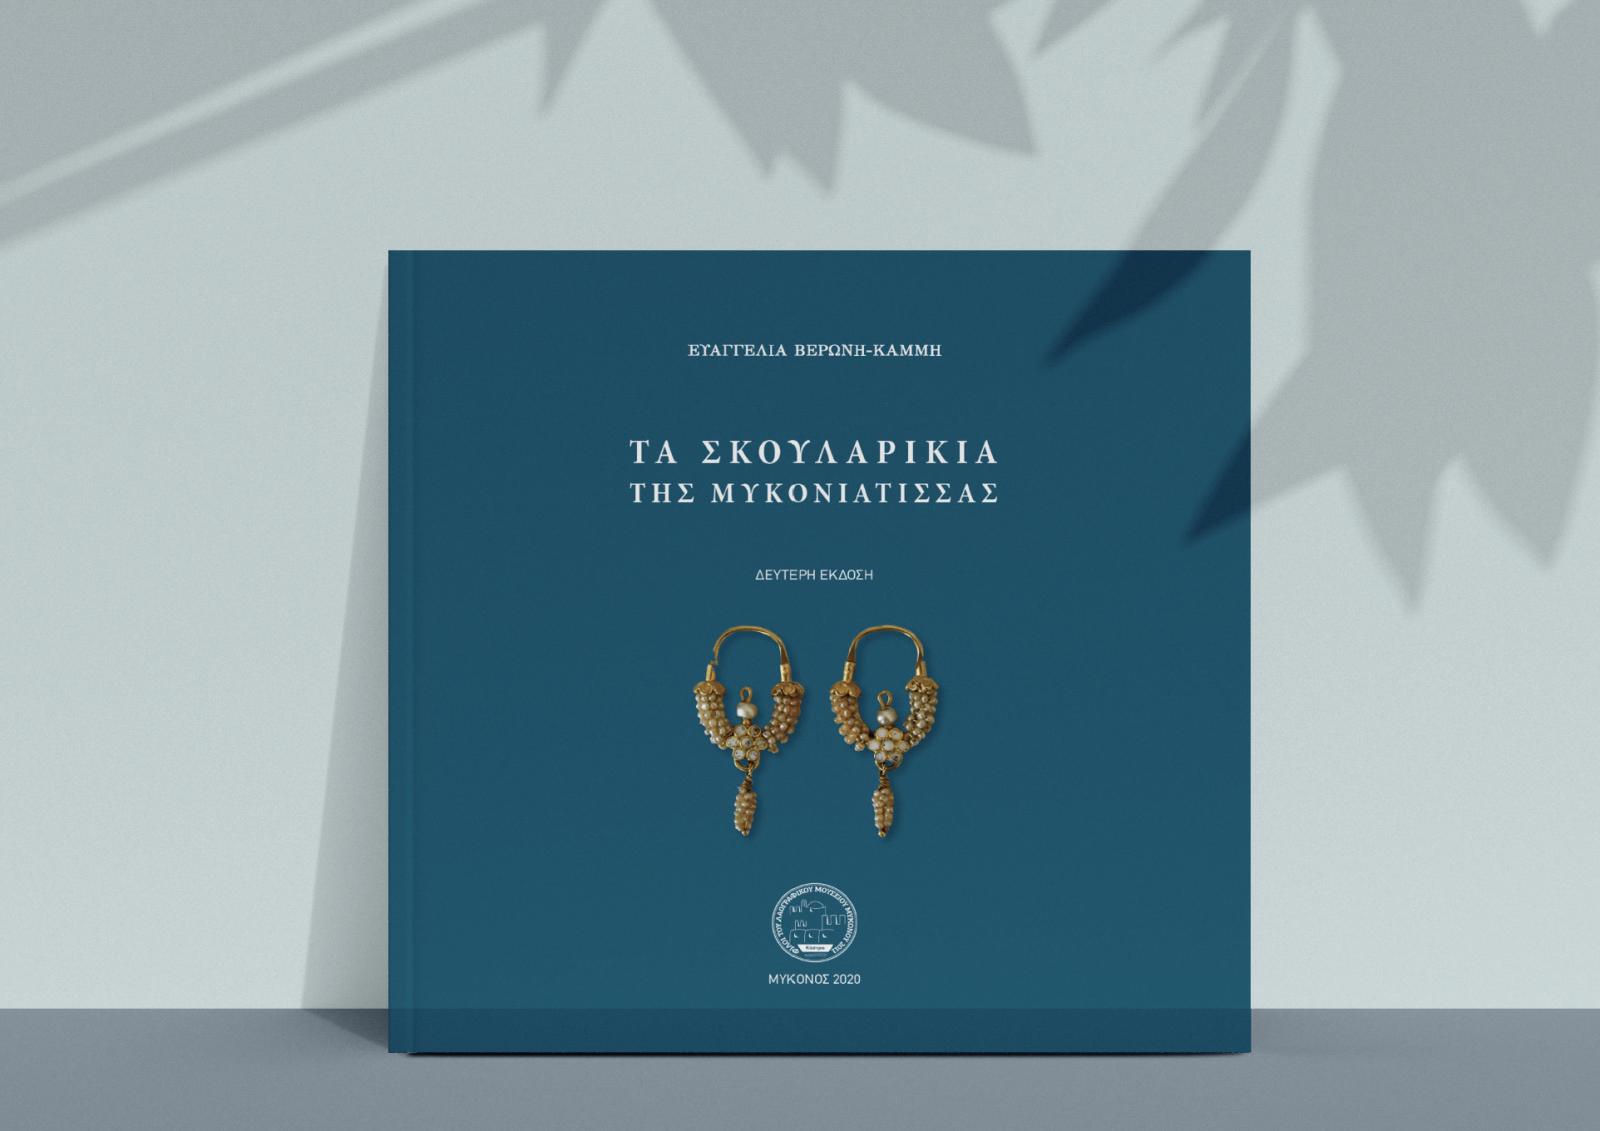 Κυκλοφόρησε η 2η έκδοση του βιβλίου «ΤΑ ΣΚΟΥΛΑΡΙΚΙΑ ΤΗΣ ΜΥΚΟΝΙΑΤΙΣΣΑΣ»!